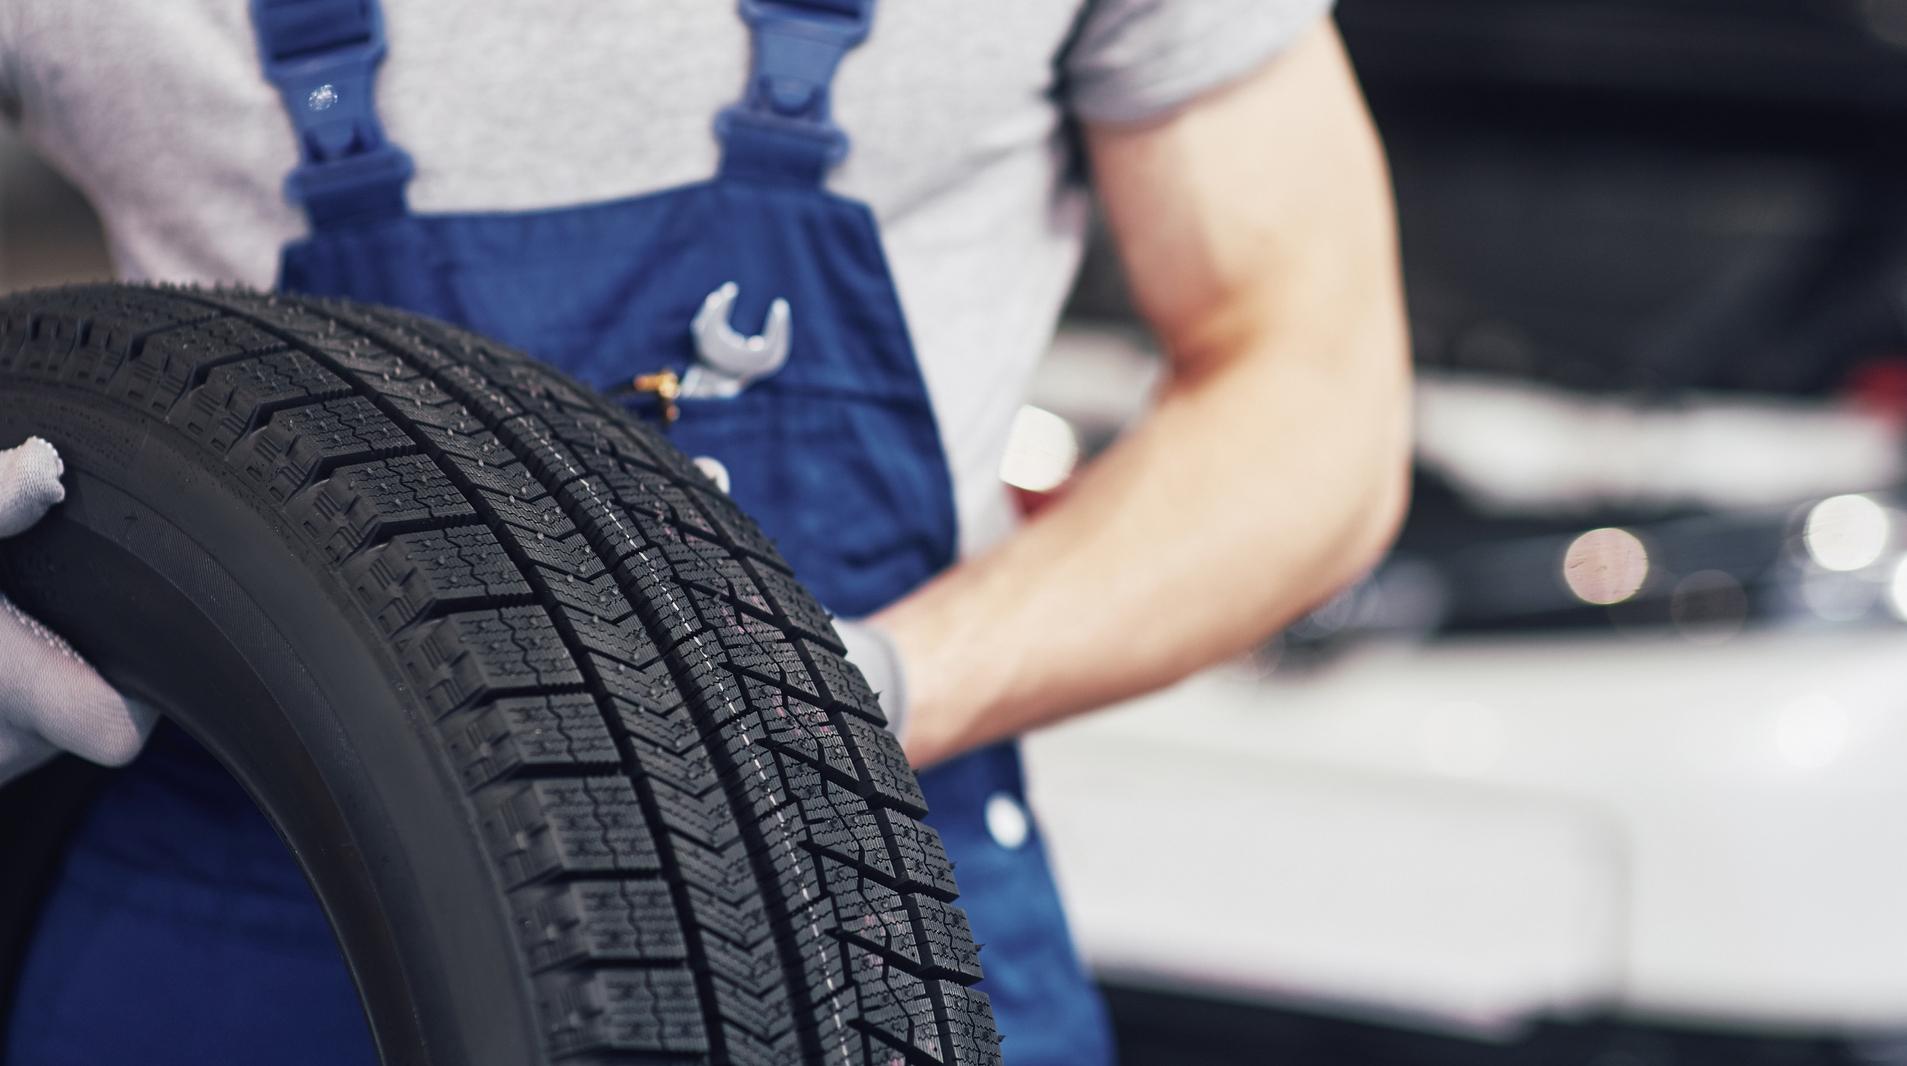 pneus frente tras